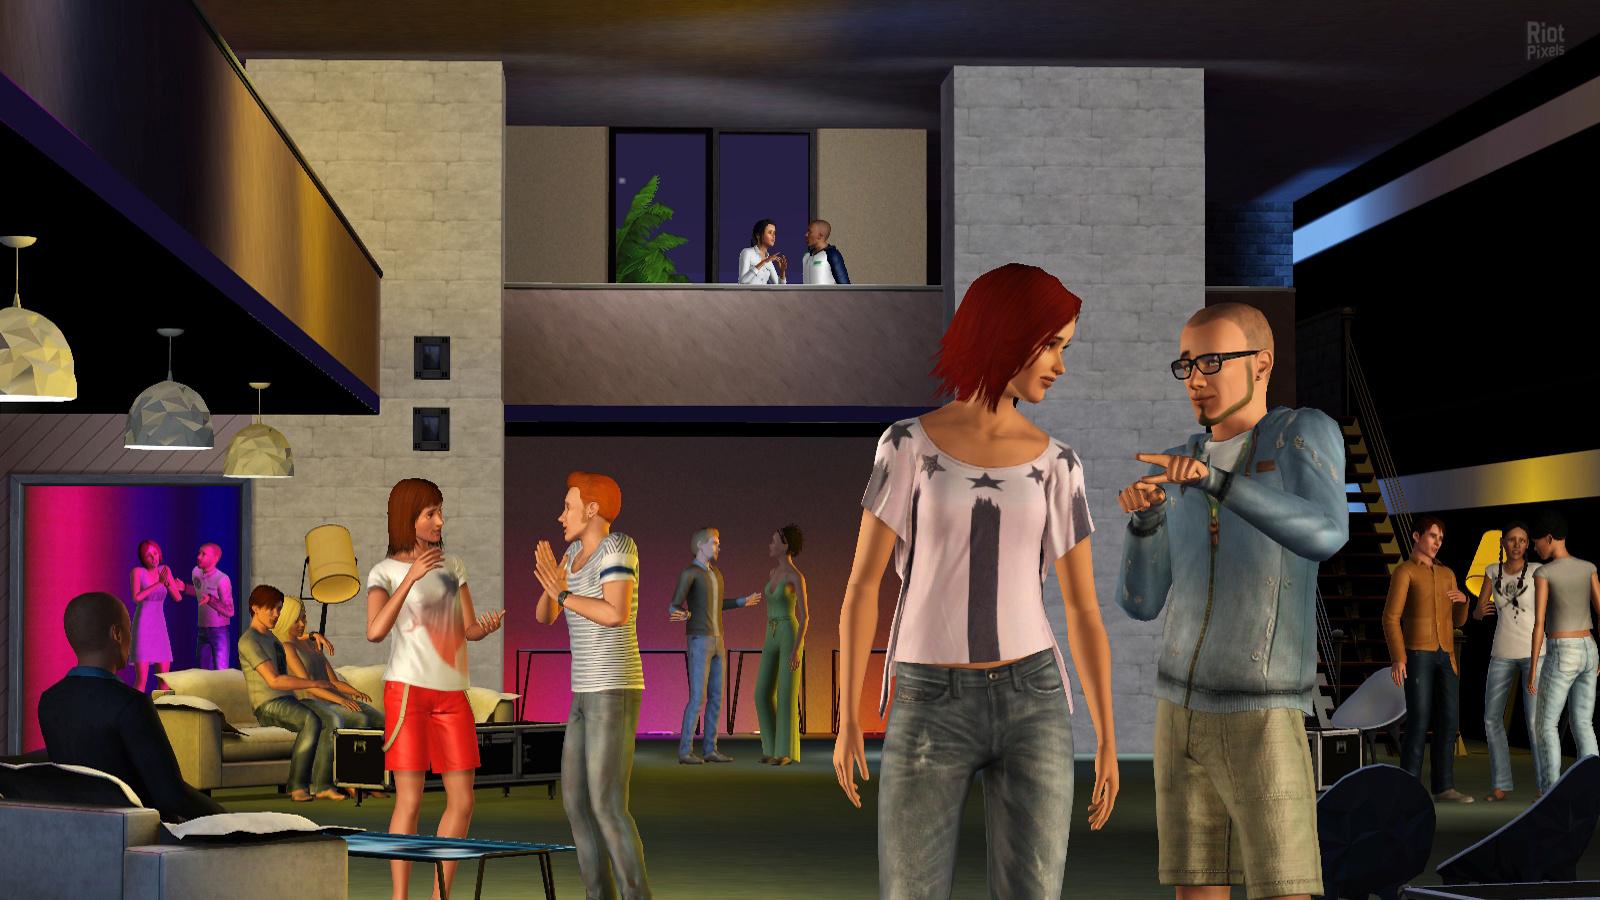 16 Jul 2011 Untuk menginstall update2an The Sims 3 selanjutnya dibutuhkan v